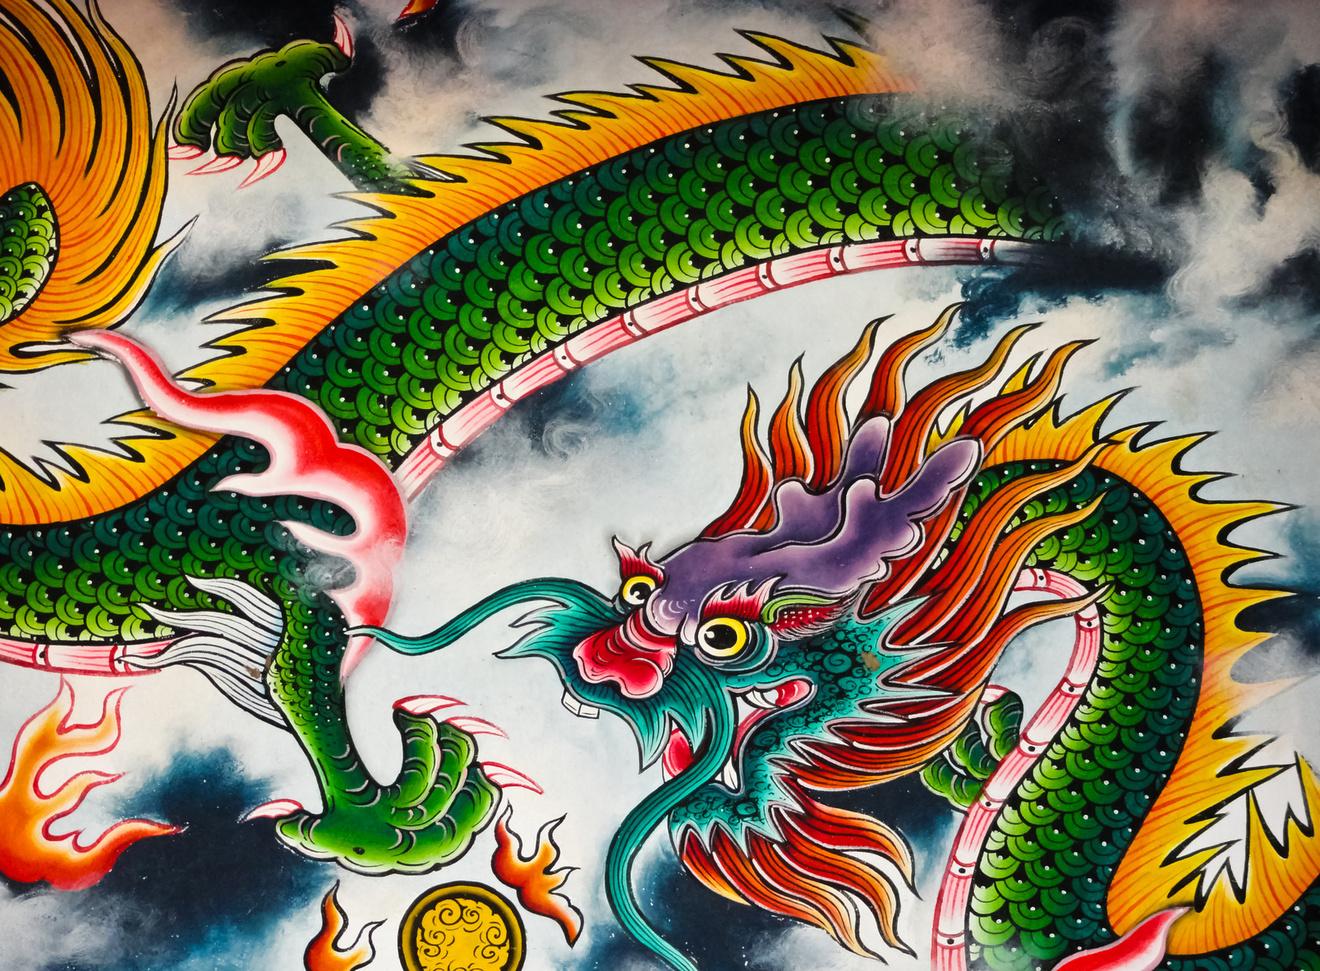 宮城谷昌光おすすめ作品ベスト5!中国の偉人たちを描く、壮大な歴史小説